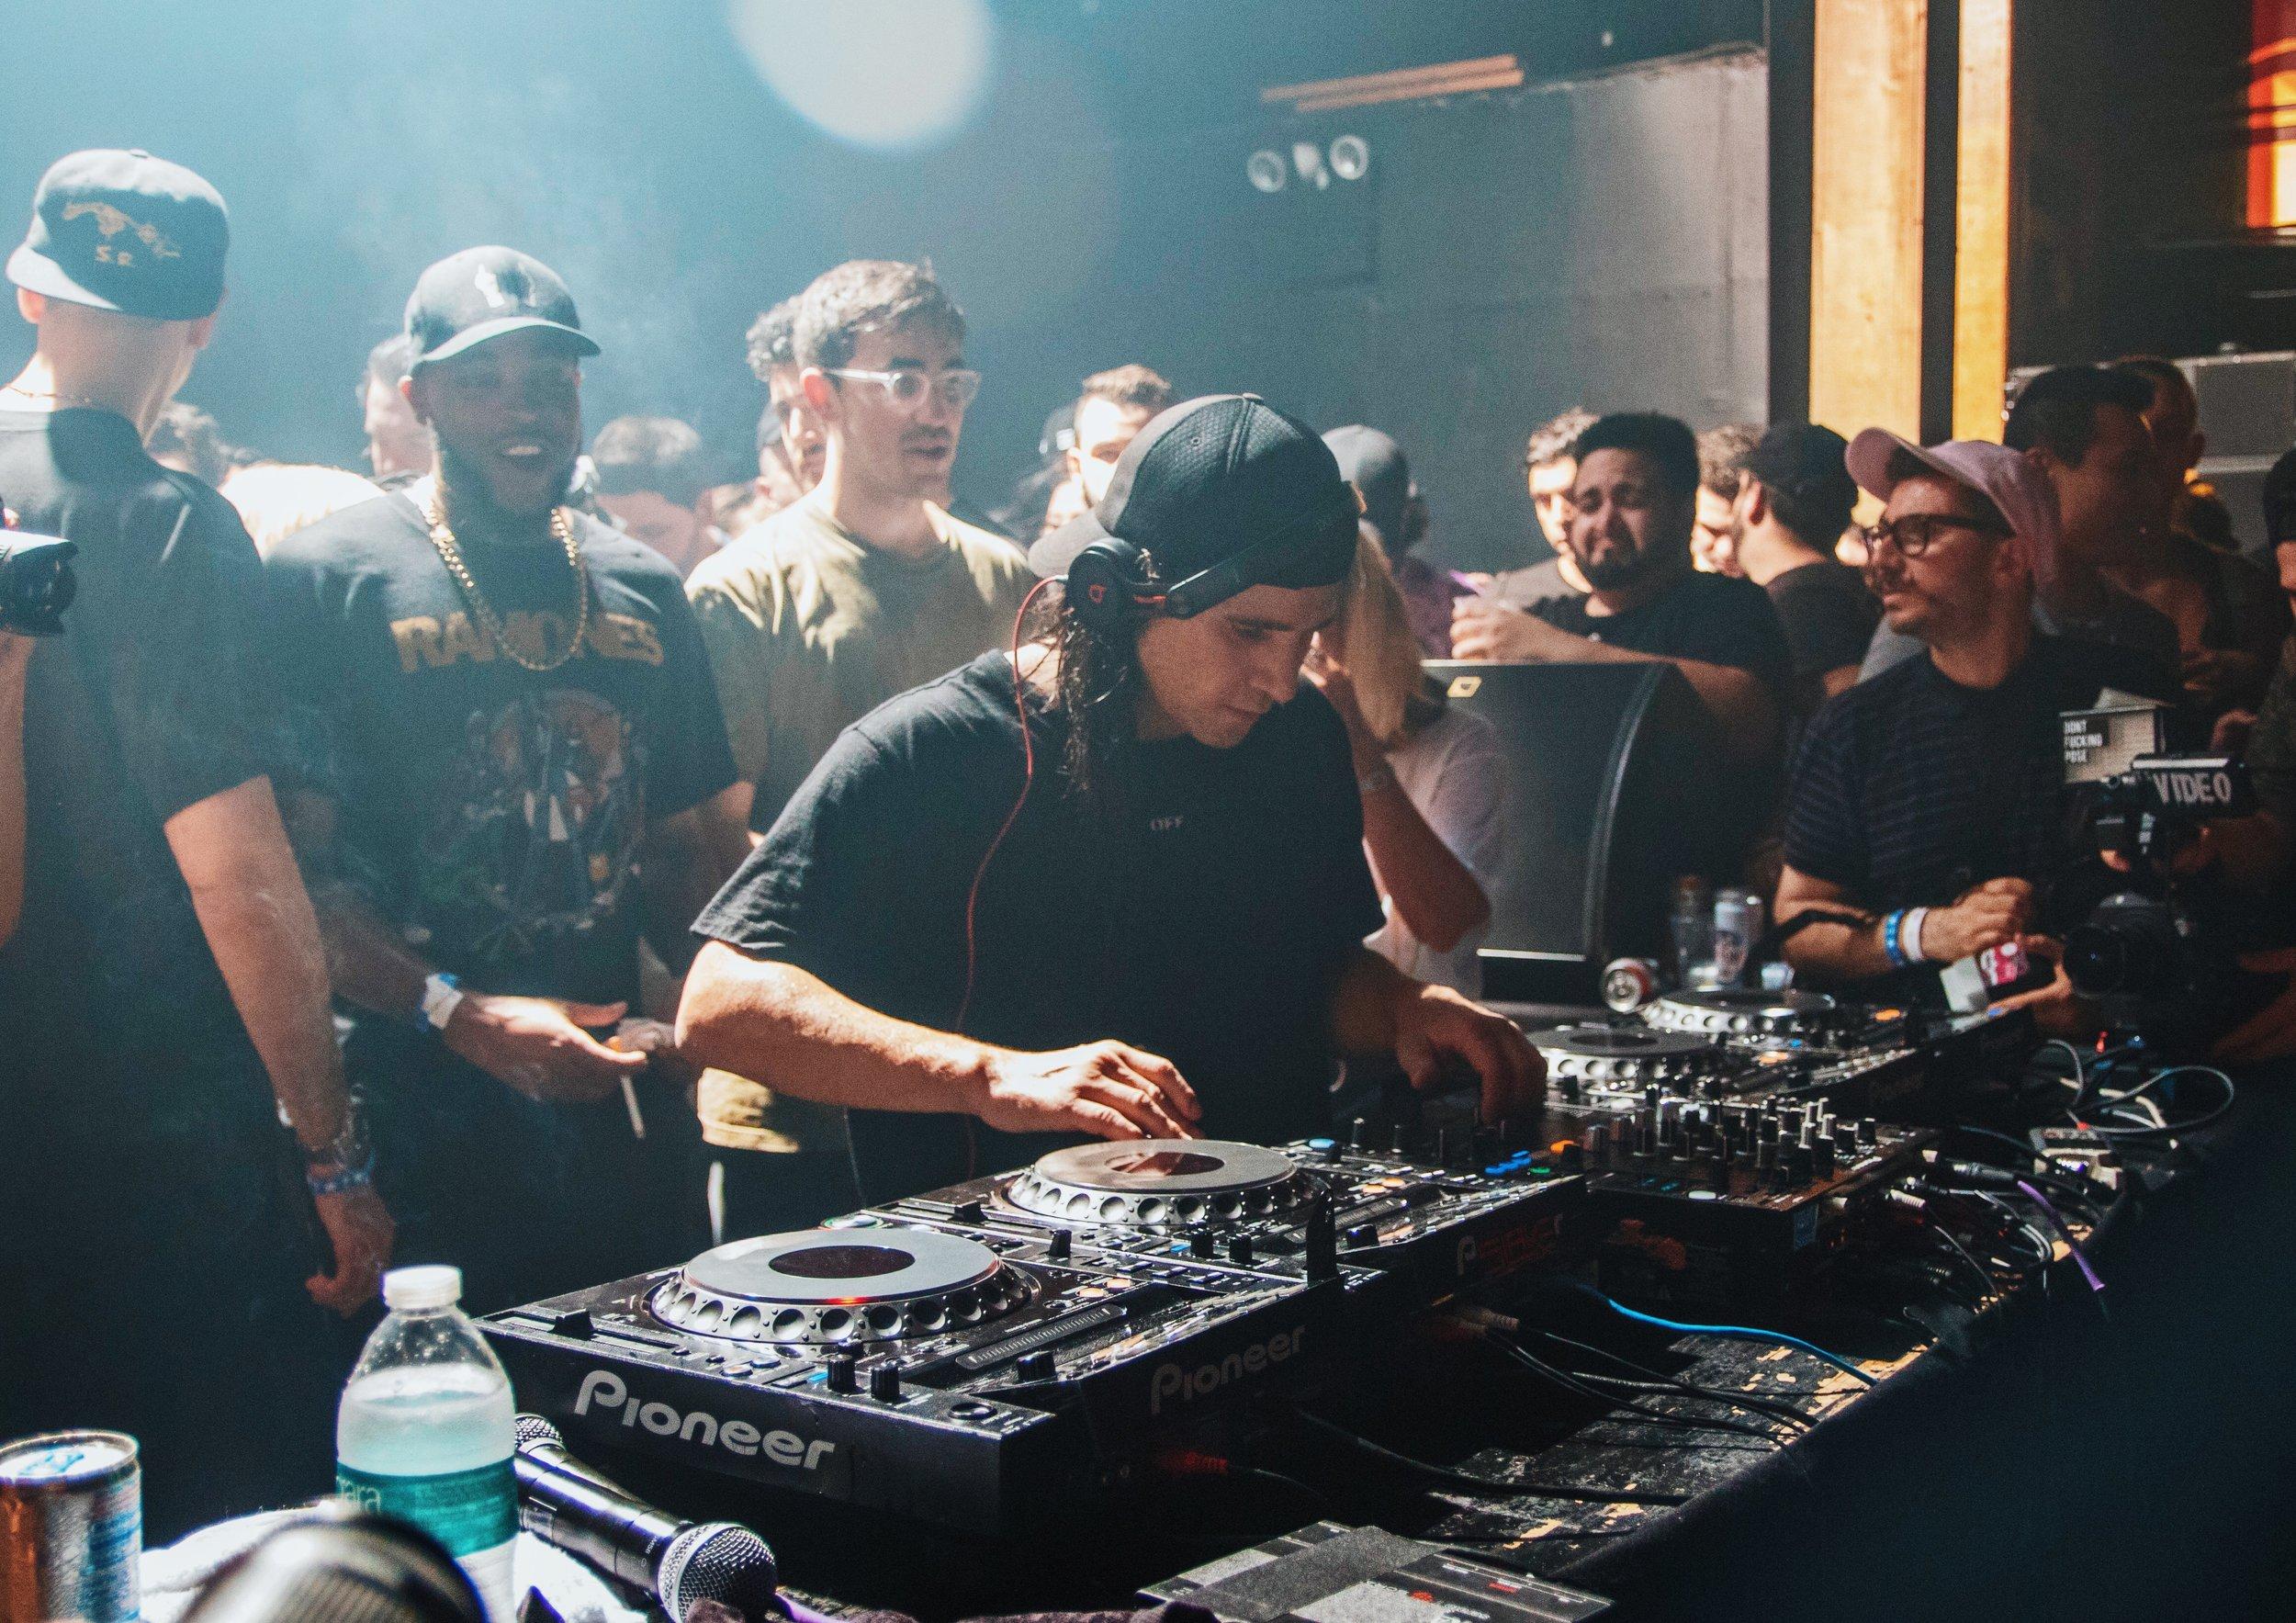 Skrillex and Friends (Final DJ Set at Webster Hall)